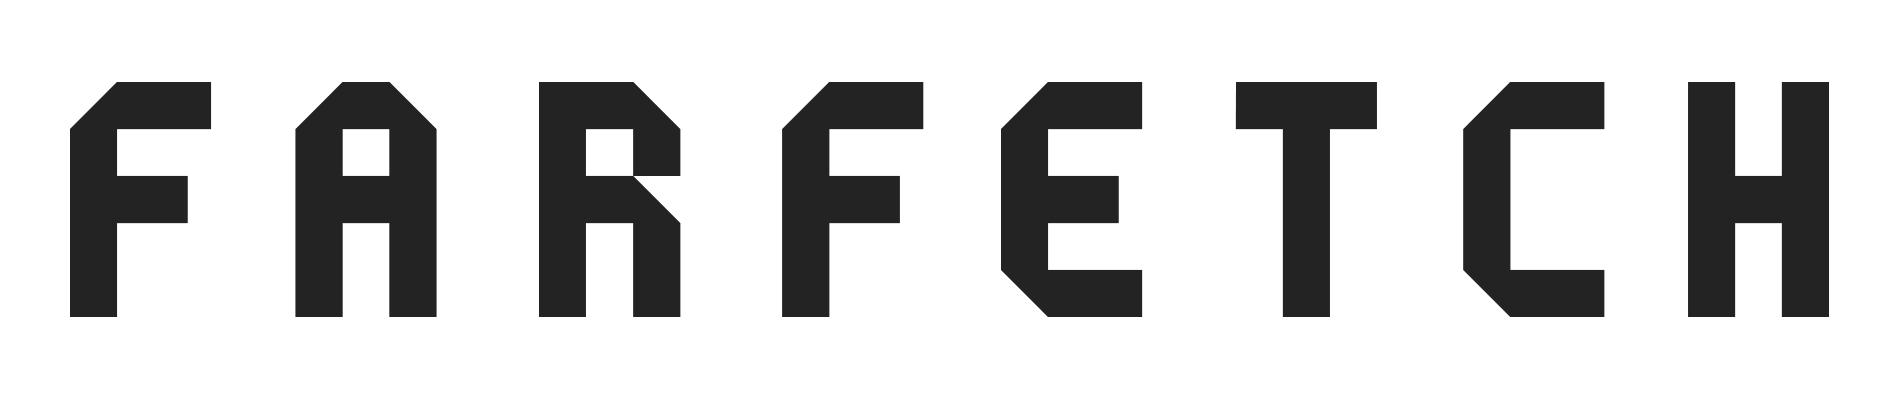 2018年farfetch优惠码实时更新汇总